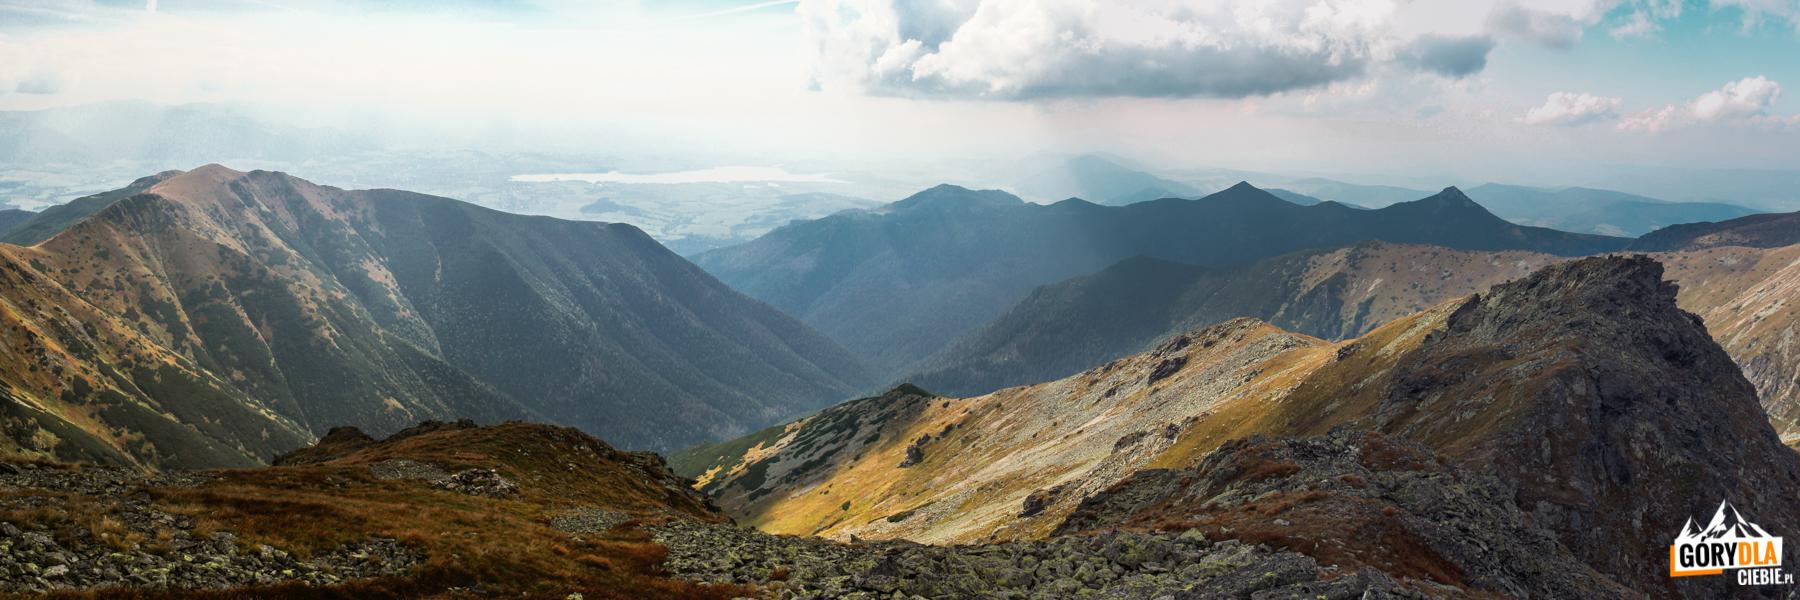 Widok ze szczytu Pachoła (2167 m) na Dolinę Parichvost